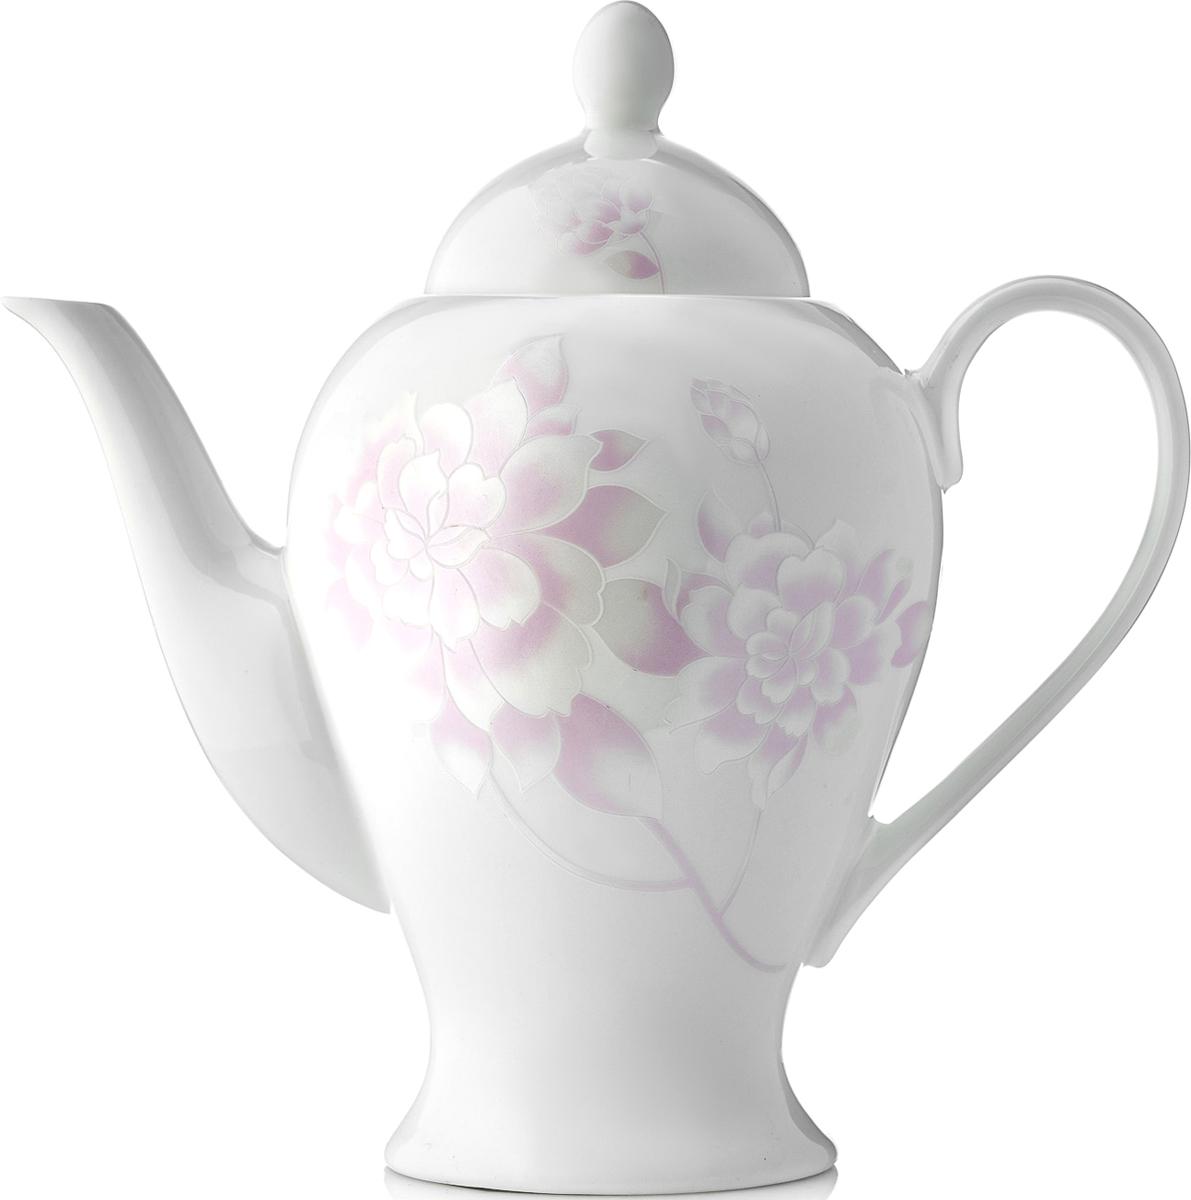 """Чайник заварочный Esprado """"Peonies"""" изготовлен из высококачественного костяного  фарфора с глазурованным покрытием, которое обеспечивает легкую очистку. Изделие прекрасно  подходит для заваривания вкусного и ароматного чая, а также травяных настоев. Оригинальный  дизайн сделает чайник настоящим украшением стола. Он удобен в использовании и понравится  каждому."""